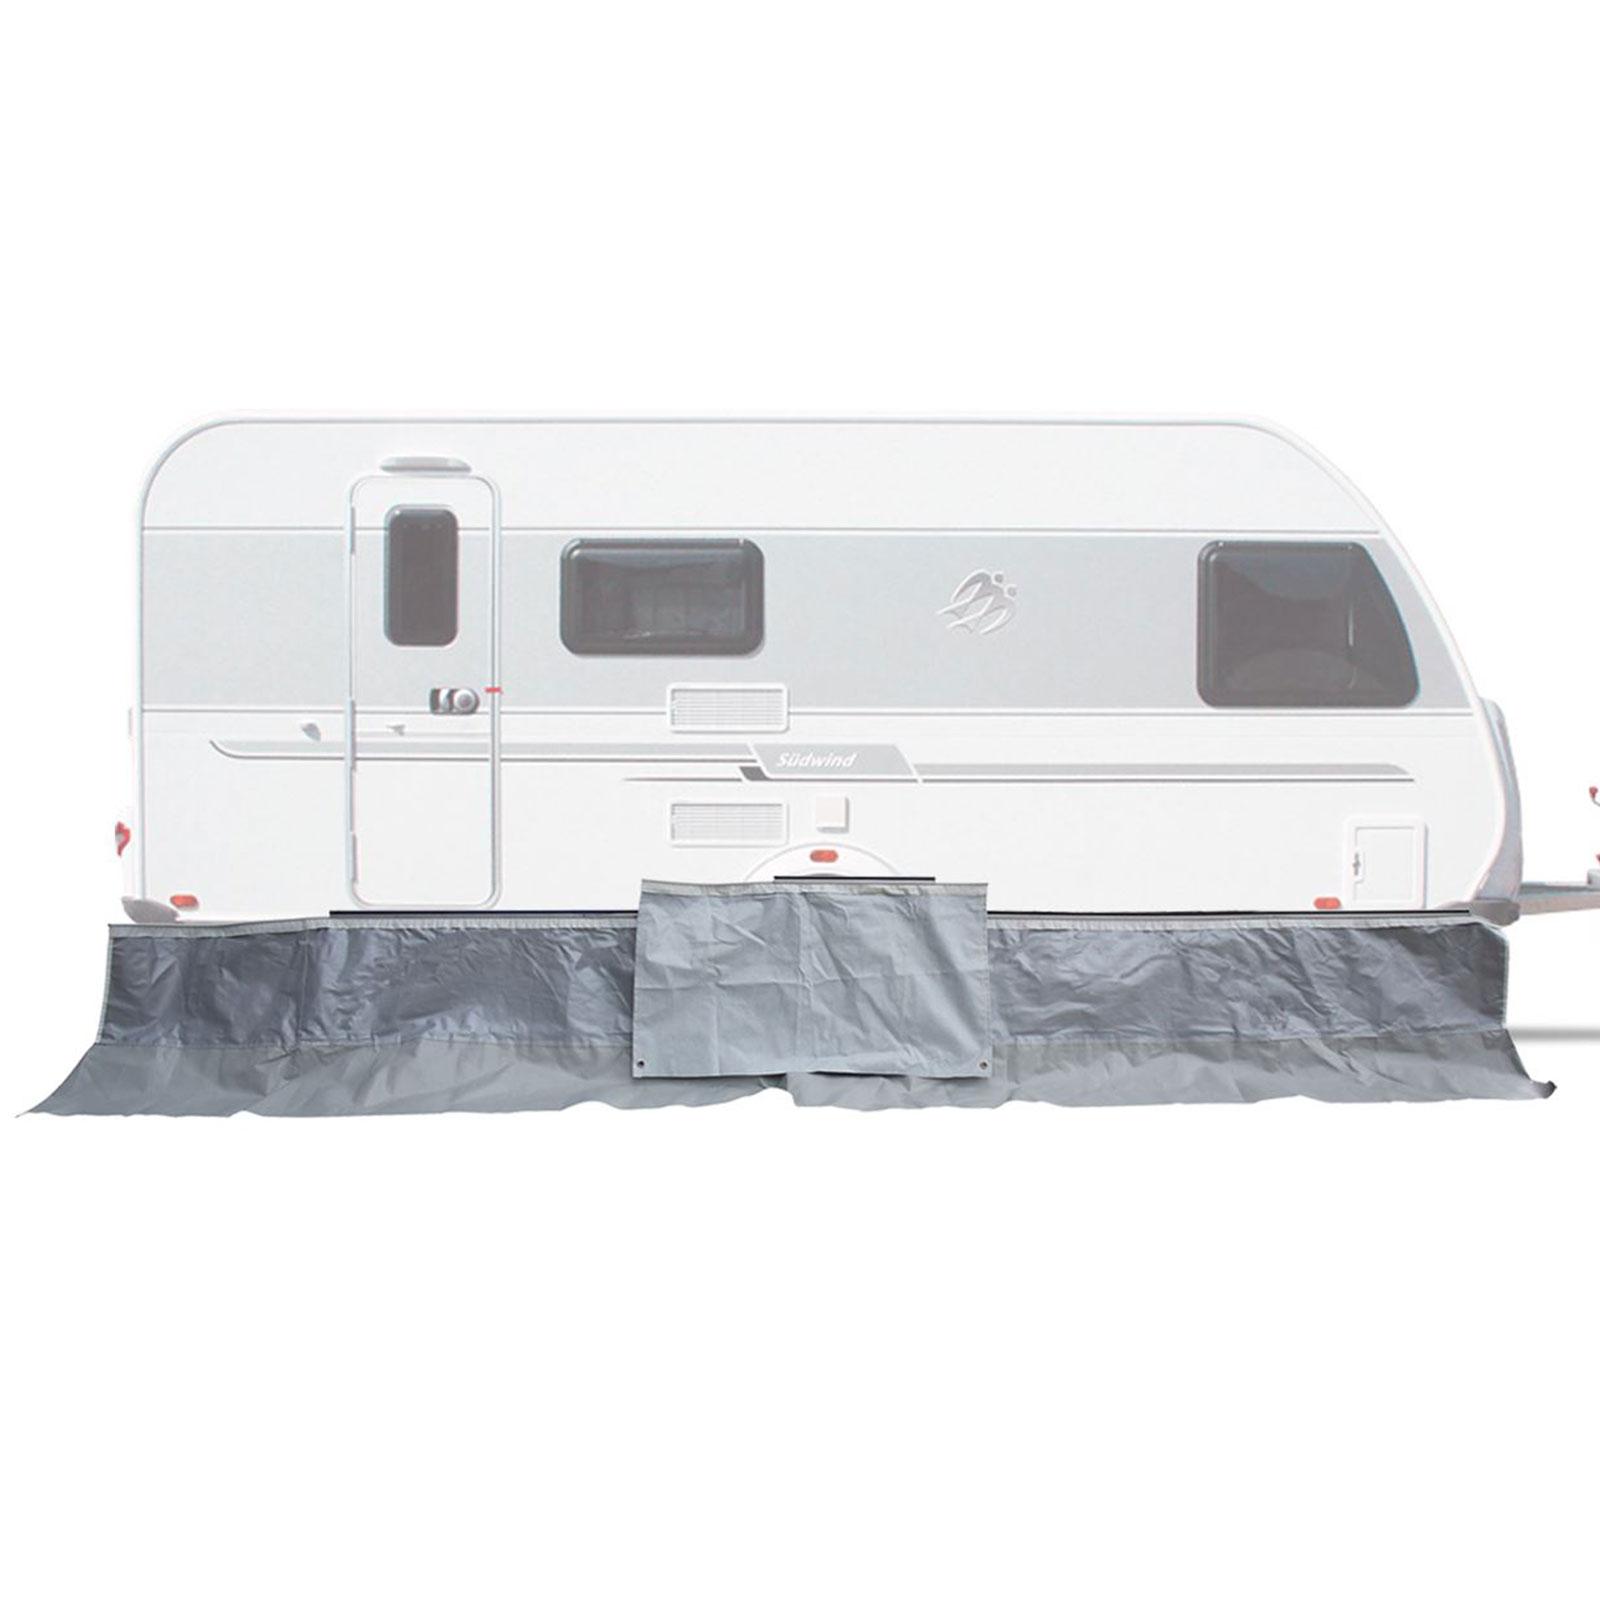 Wohnwagenschürze, PVC, 7 mm Keder, 500 x 70 cm, Radkastenabdeckung